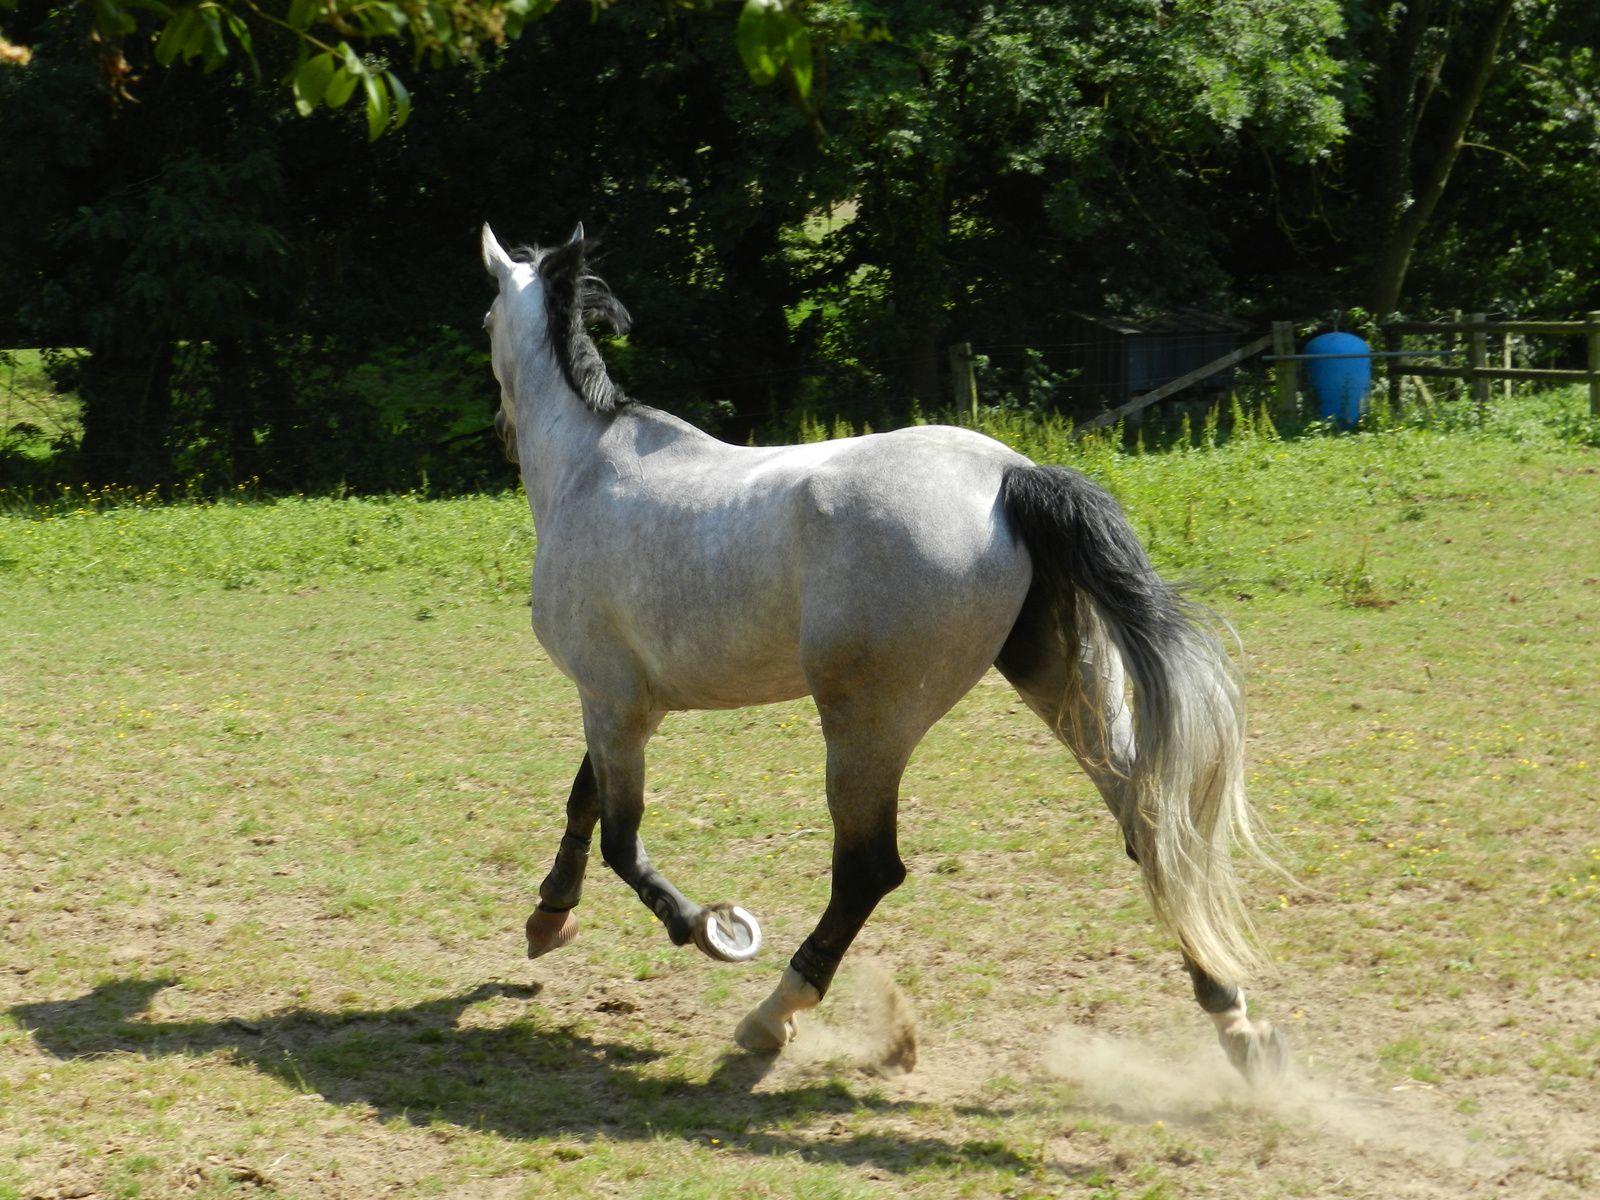 Cheval au pré. Techniques d'élevage Nantes 2014. Image soumise à droits d'auteur.